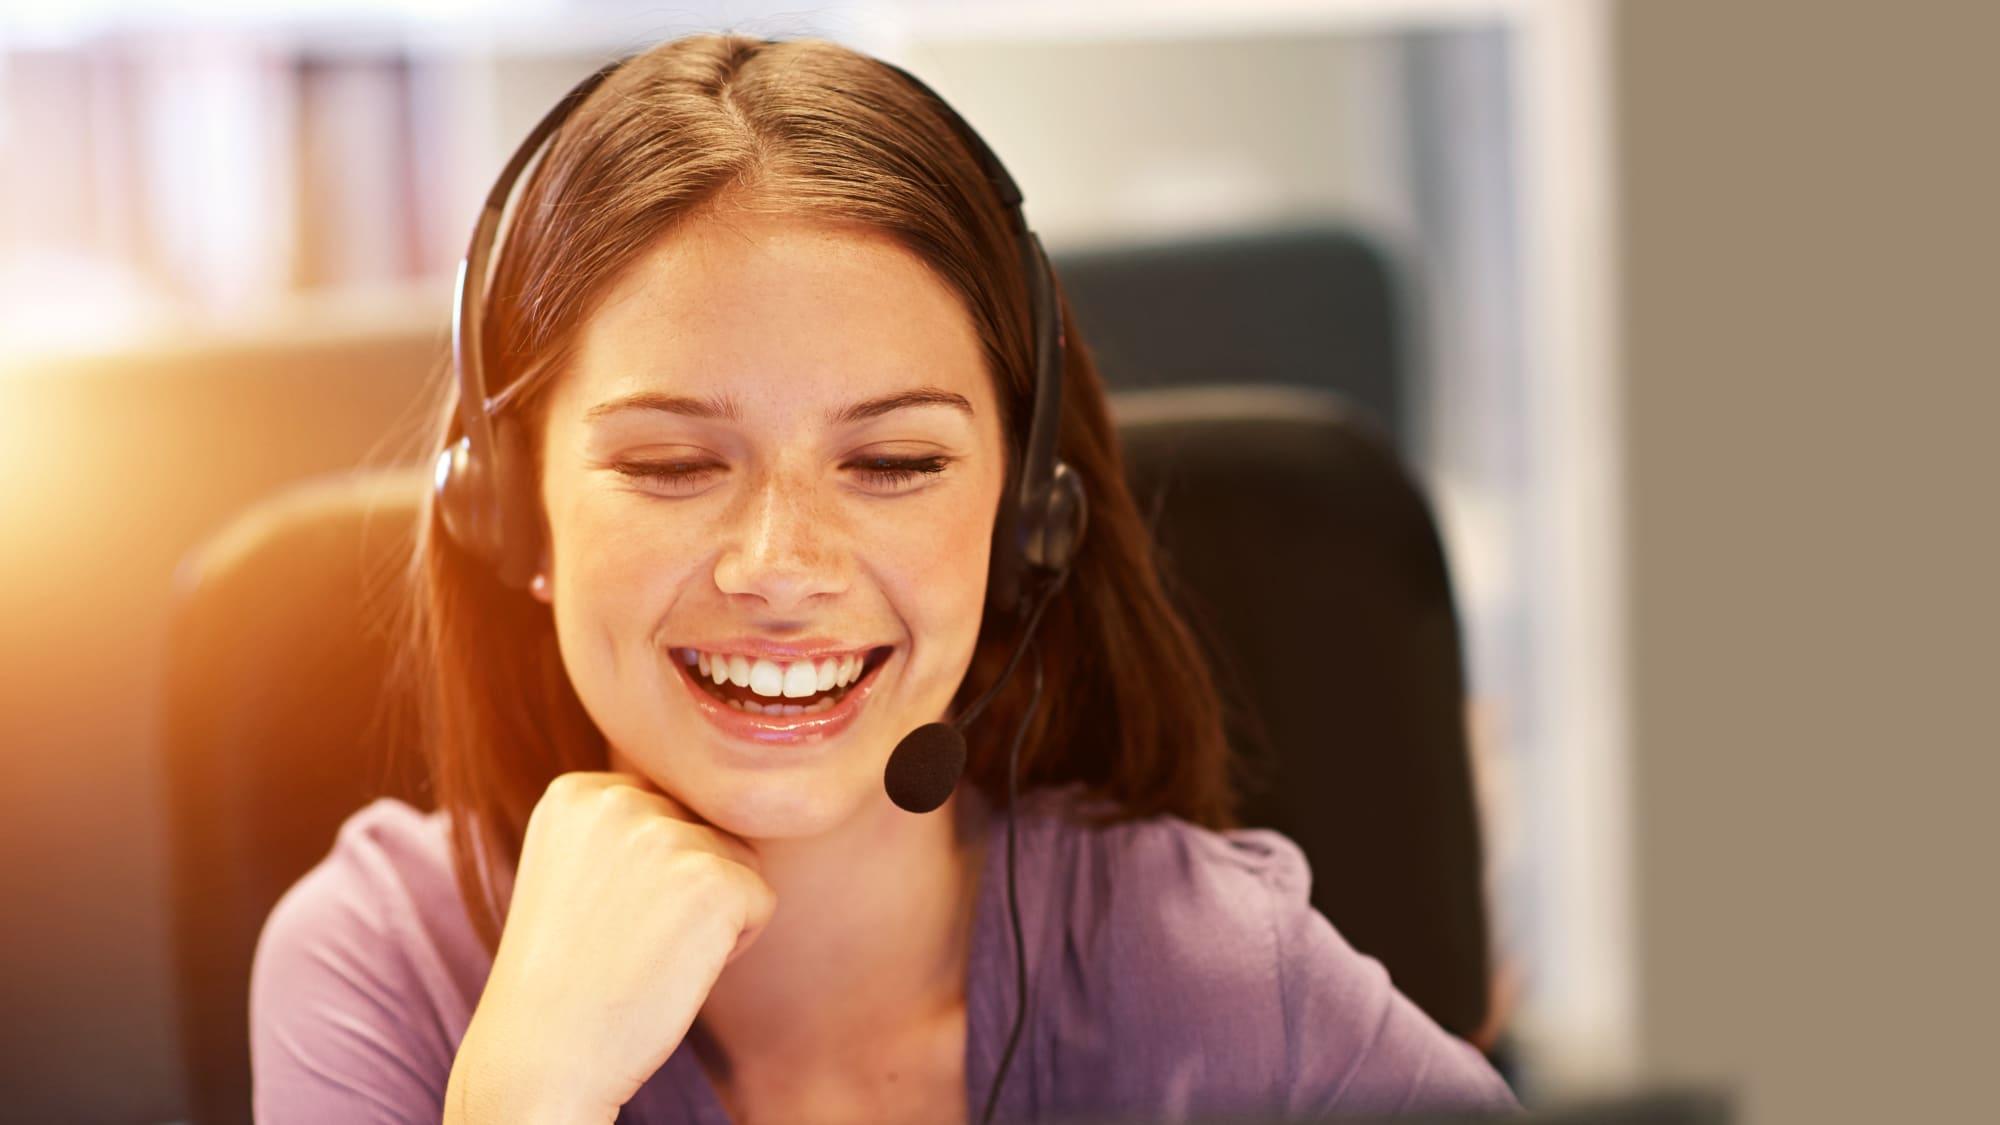 Frau mit Headset blickt auf Bildschirm